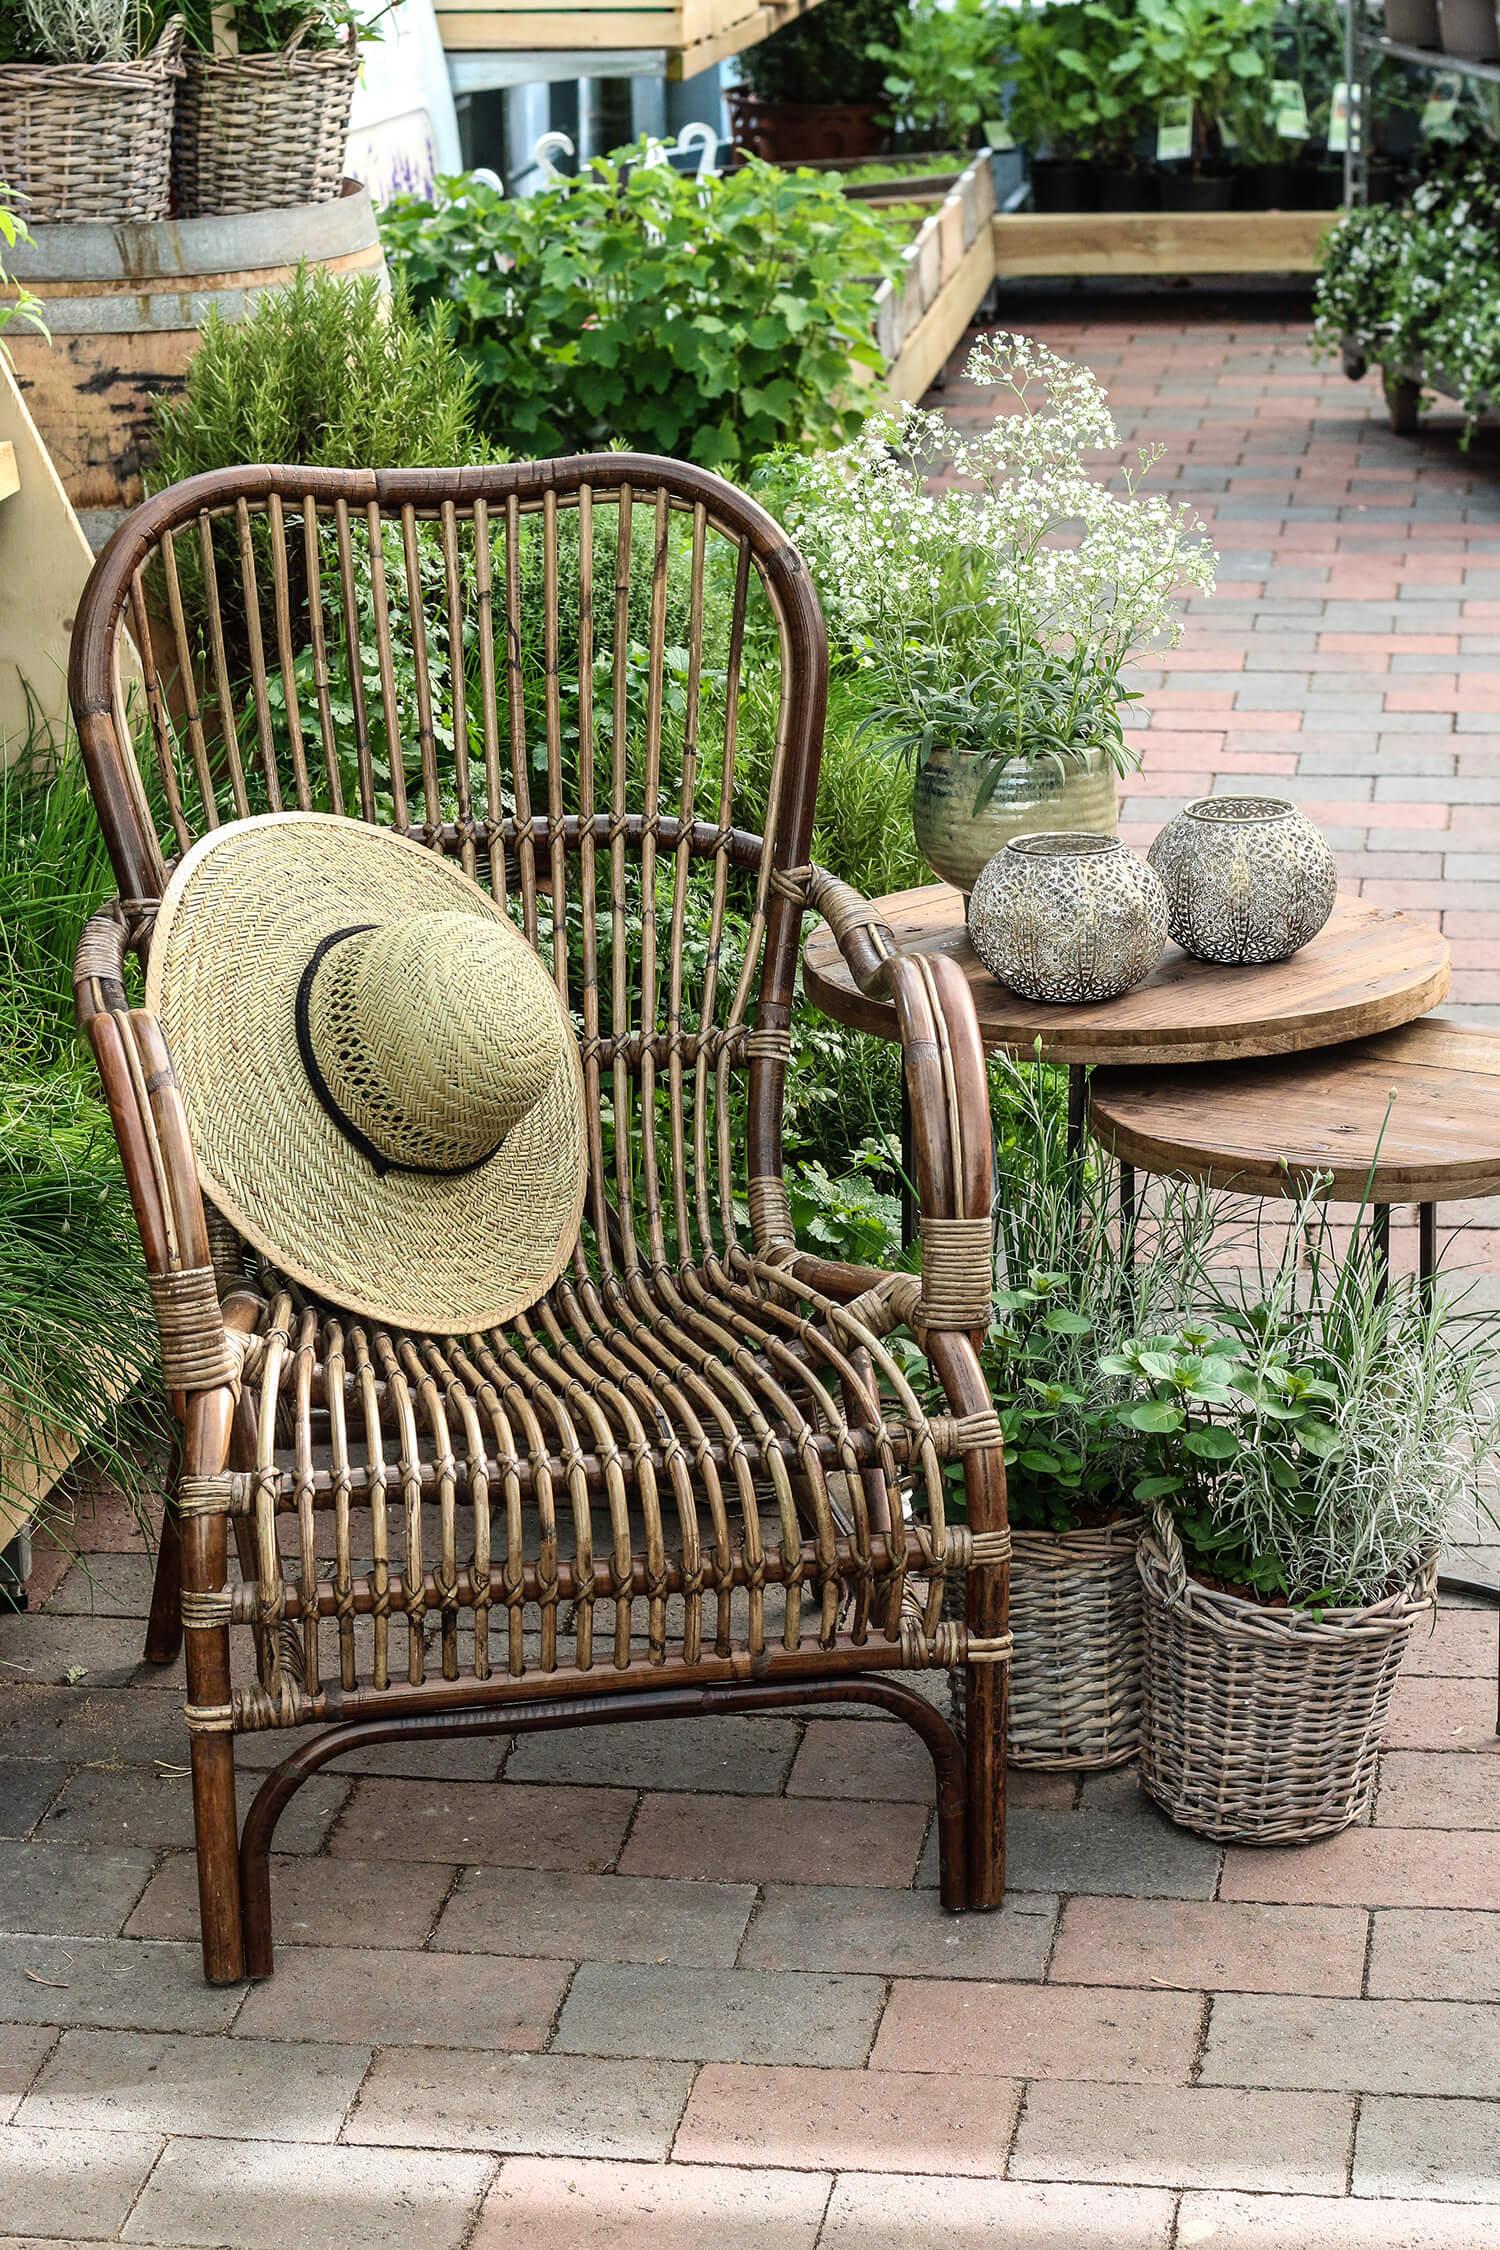 Så trevligt att slå sig ner i rottingstolen och känna doften av kryddörter och blommor. Halmhatten ligger framme och snart kommer solen.